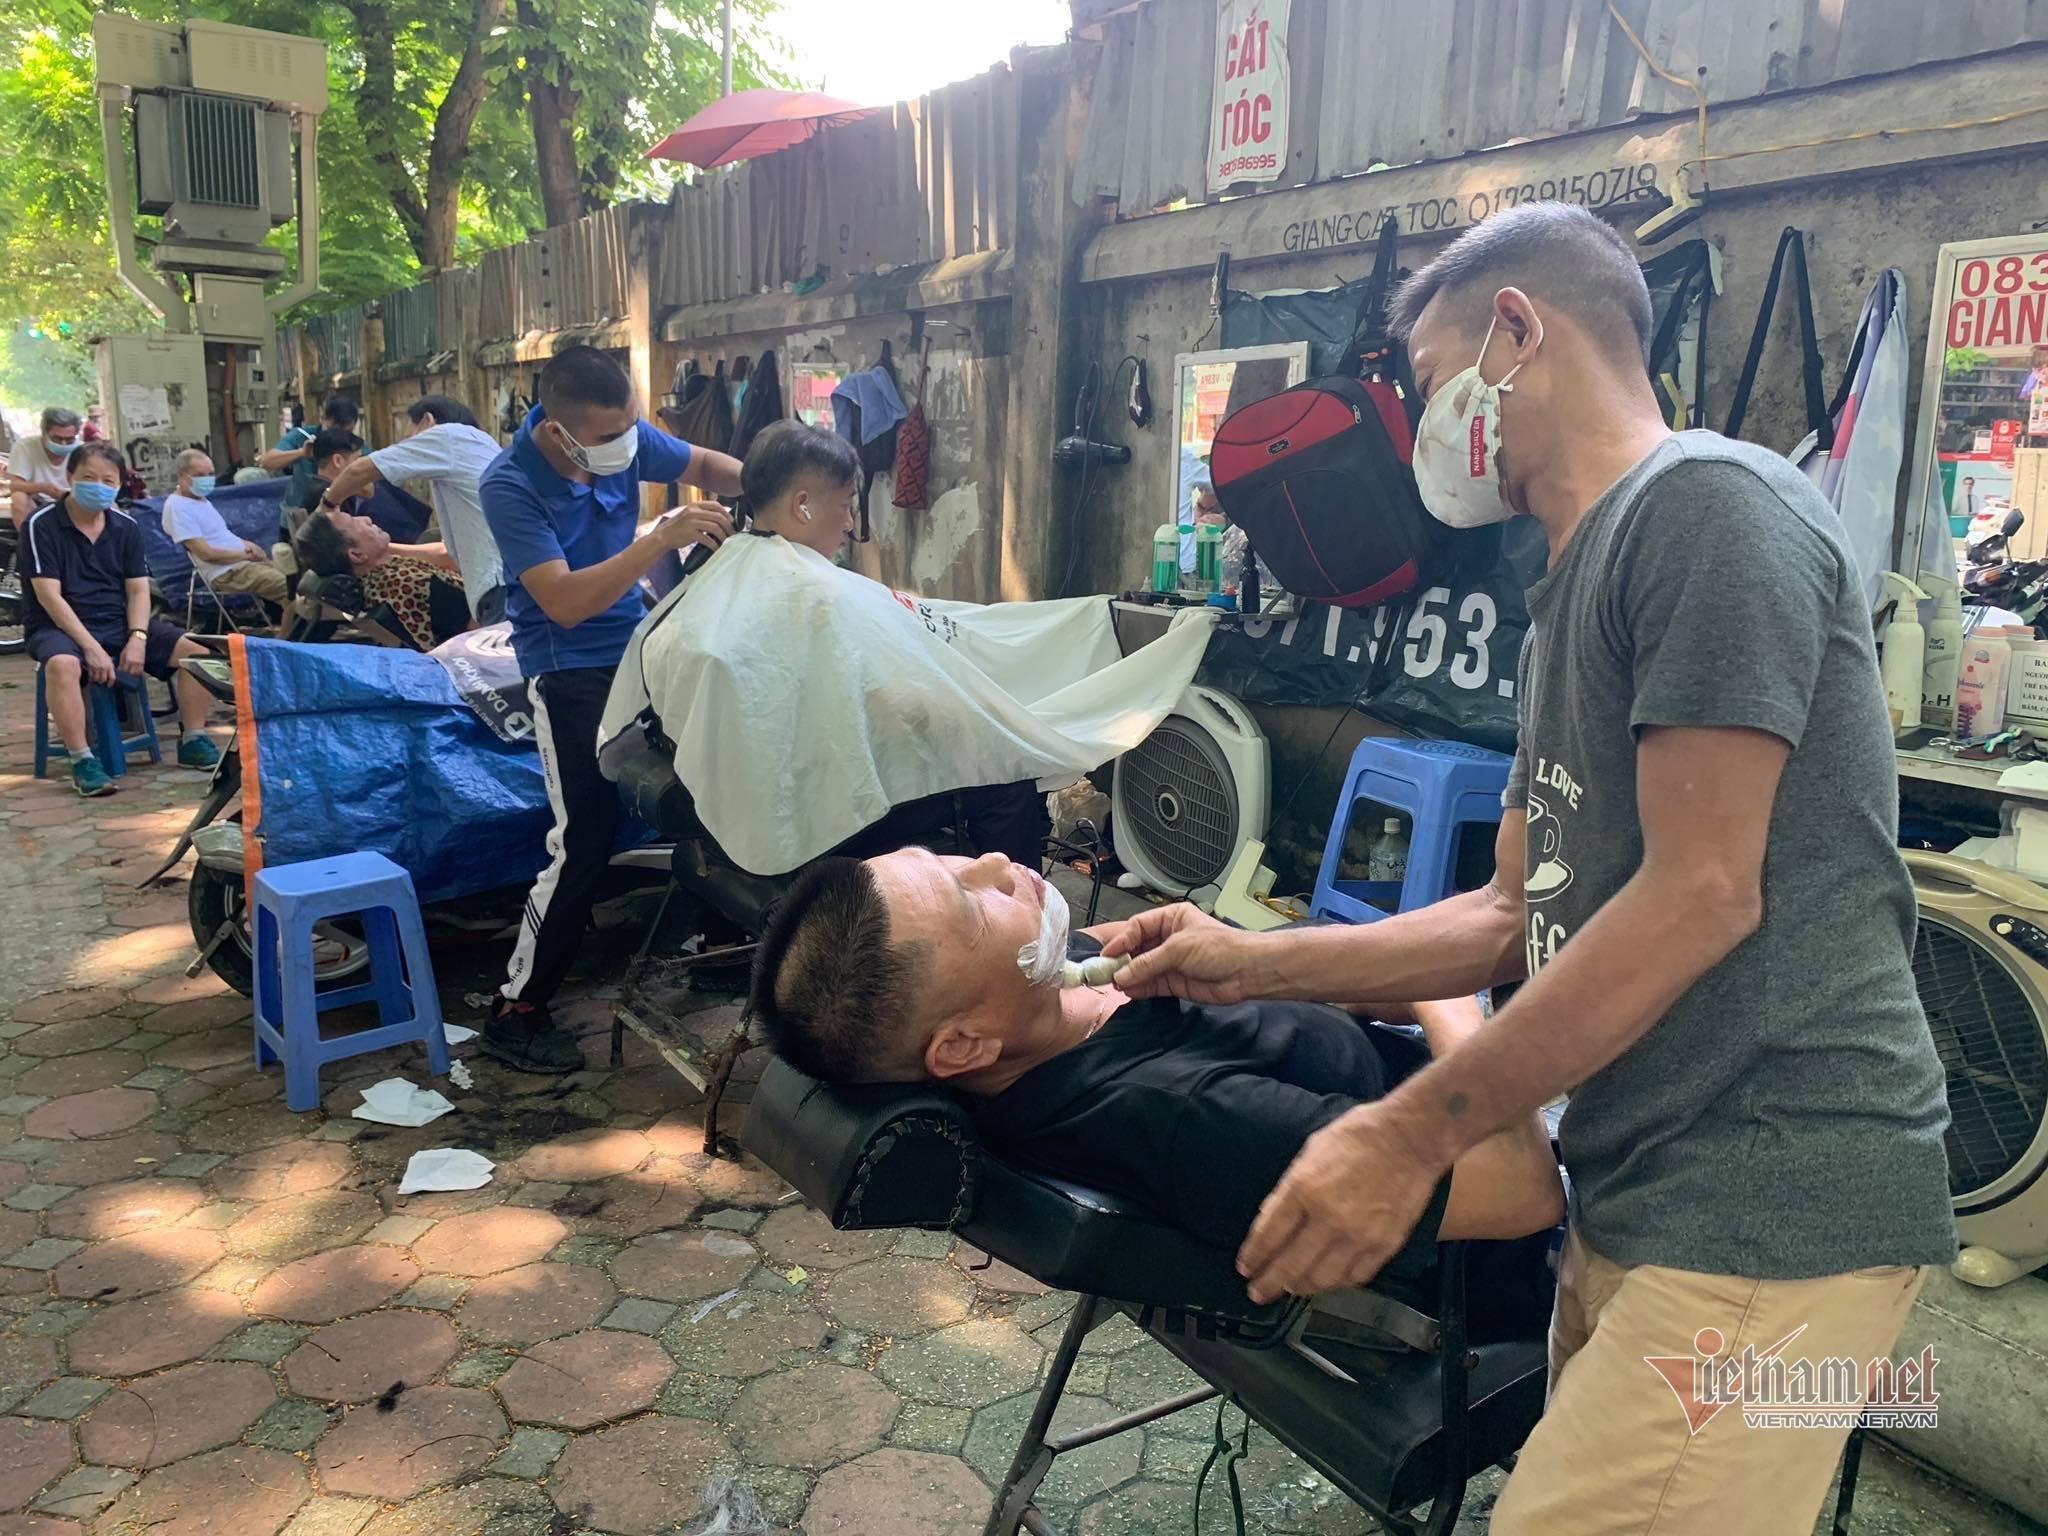 Hà Nội ngày đầu thực hiện Chỉ thị 15, người dân xếp hàng cắt tóc